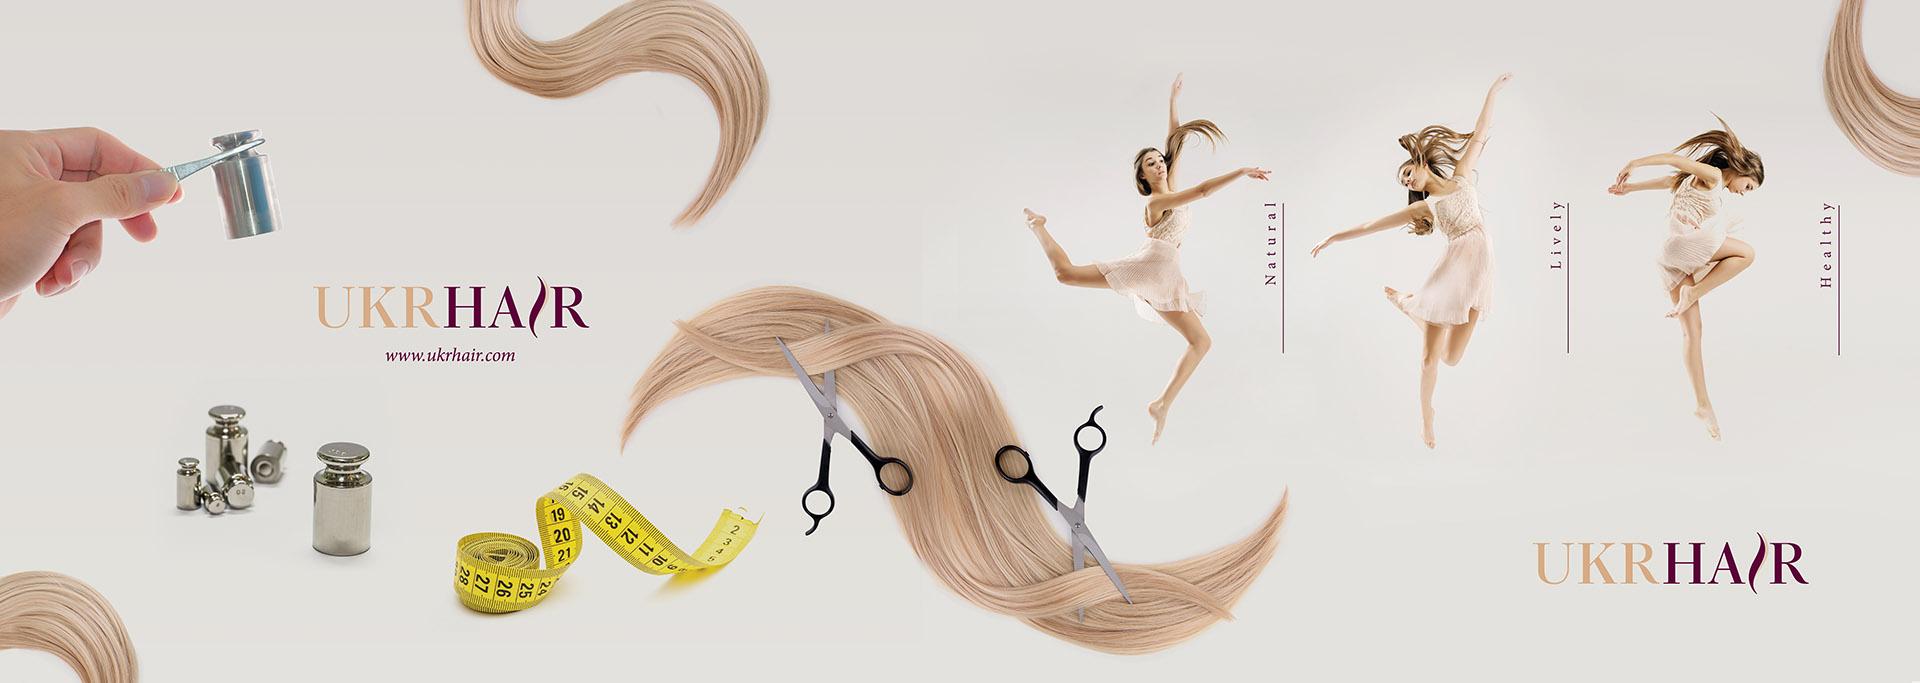 Продажа волос corporate identity